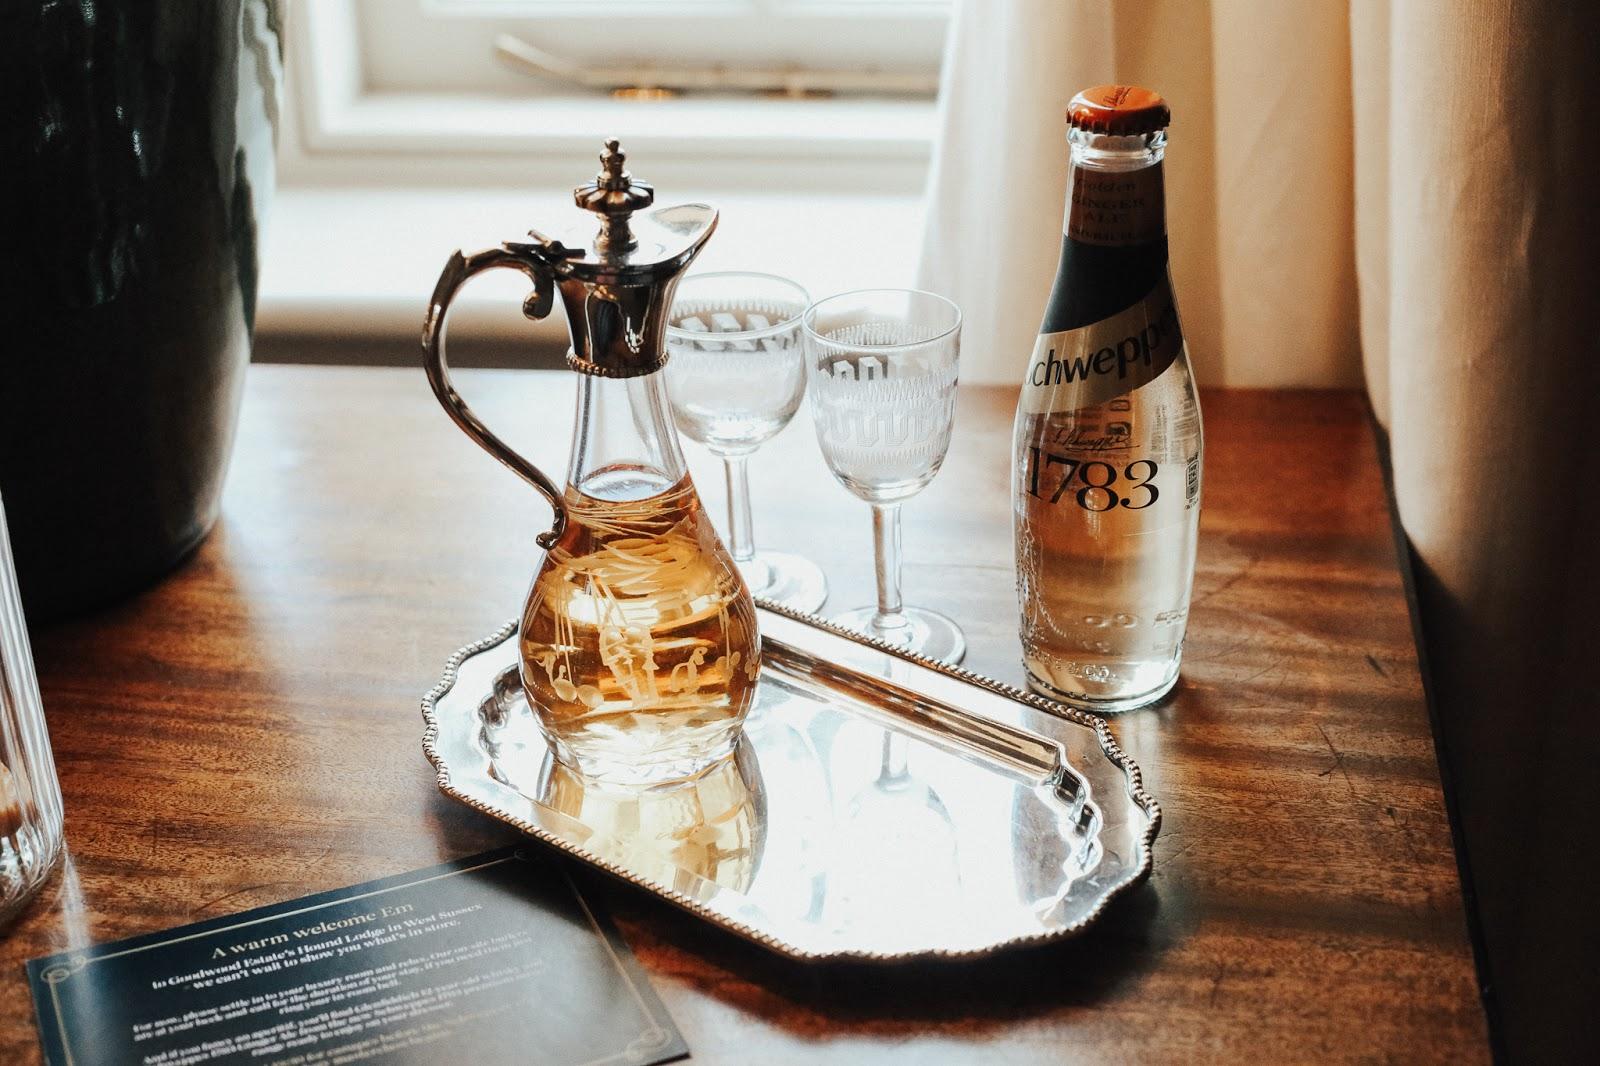 schweppes 1783 ginger tonic